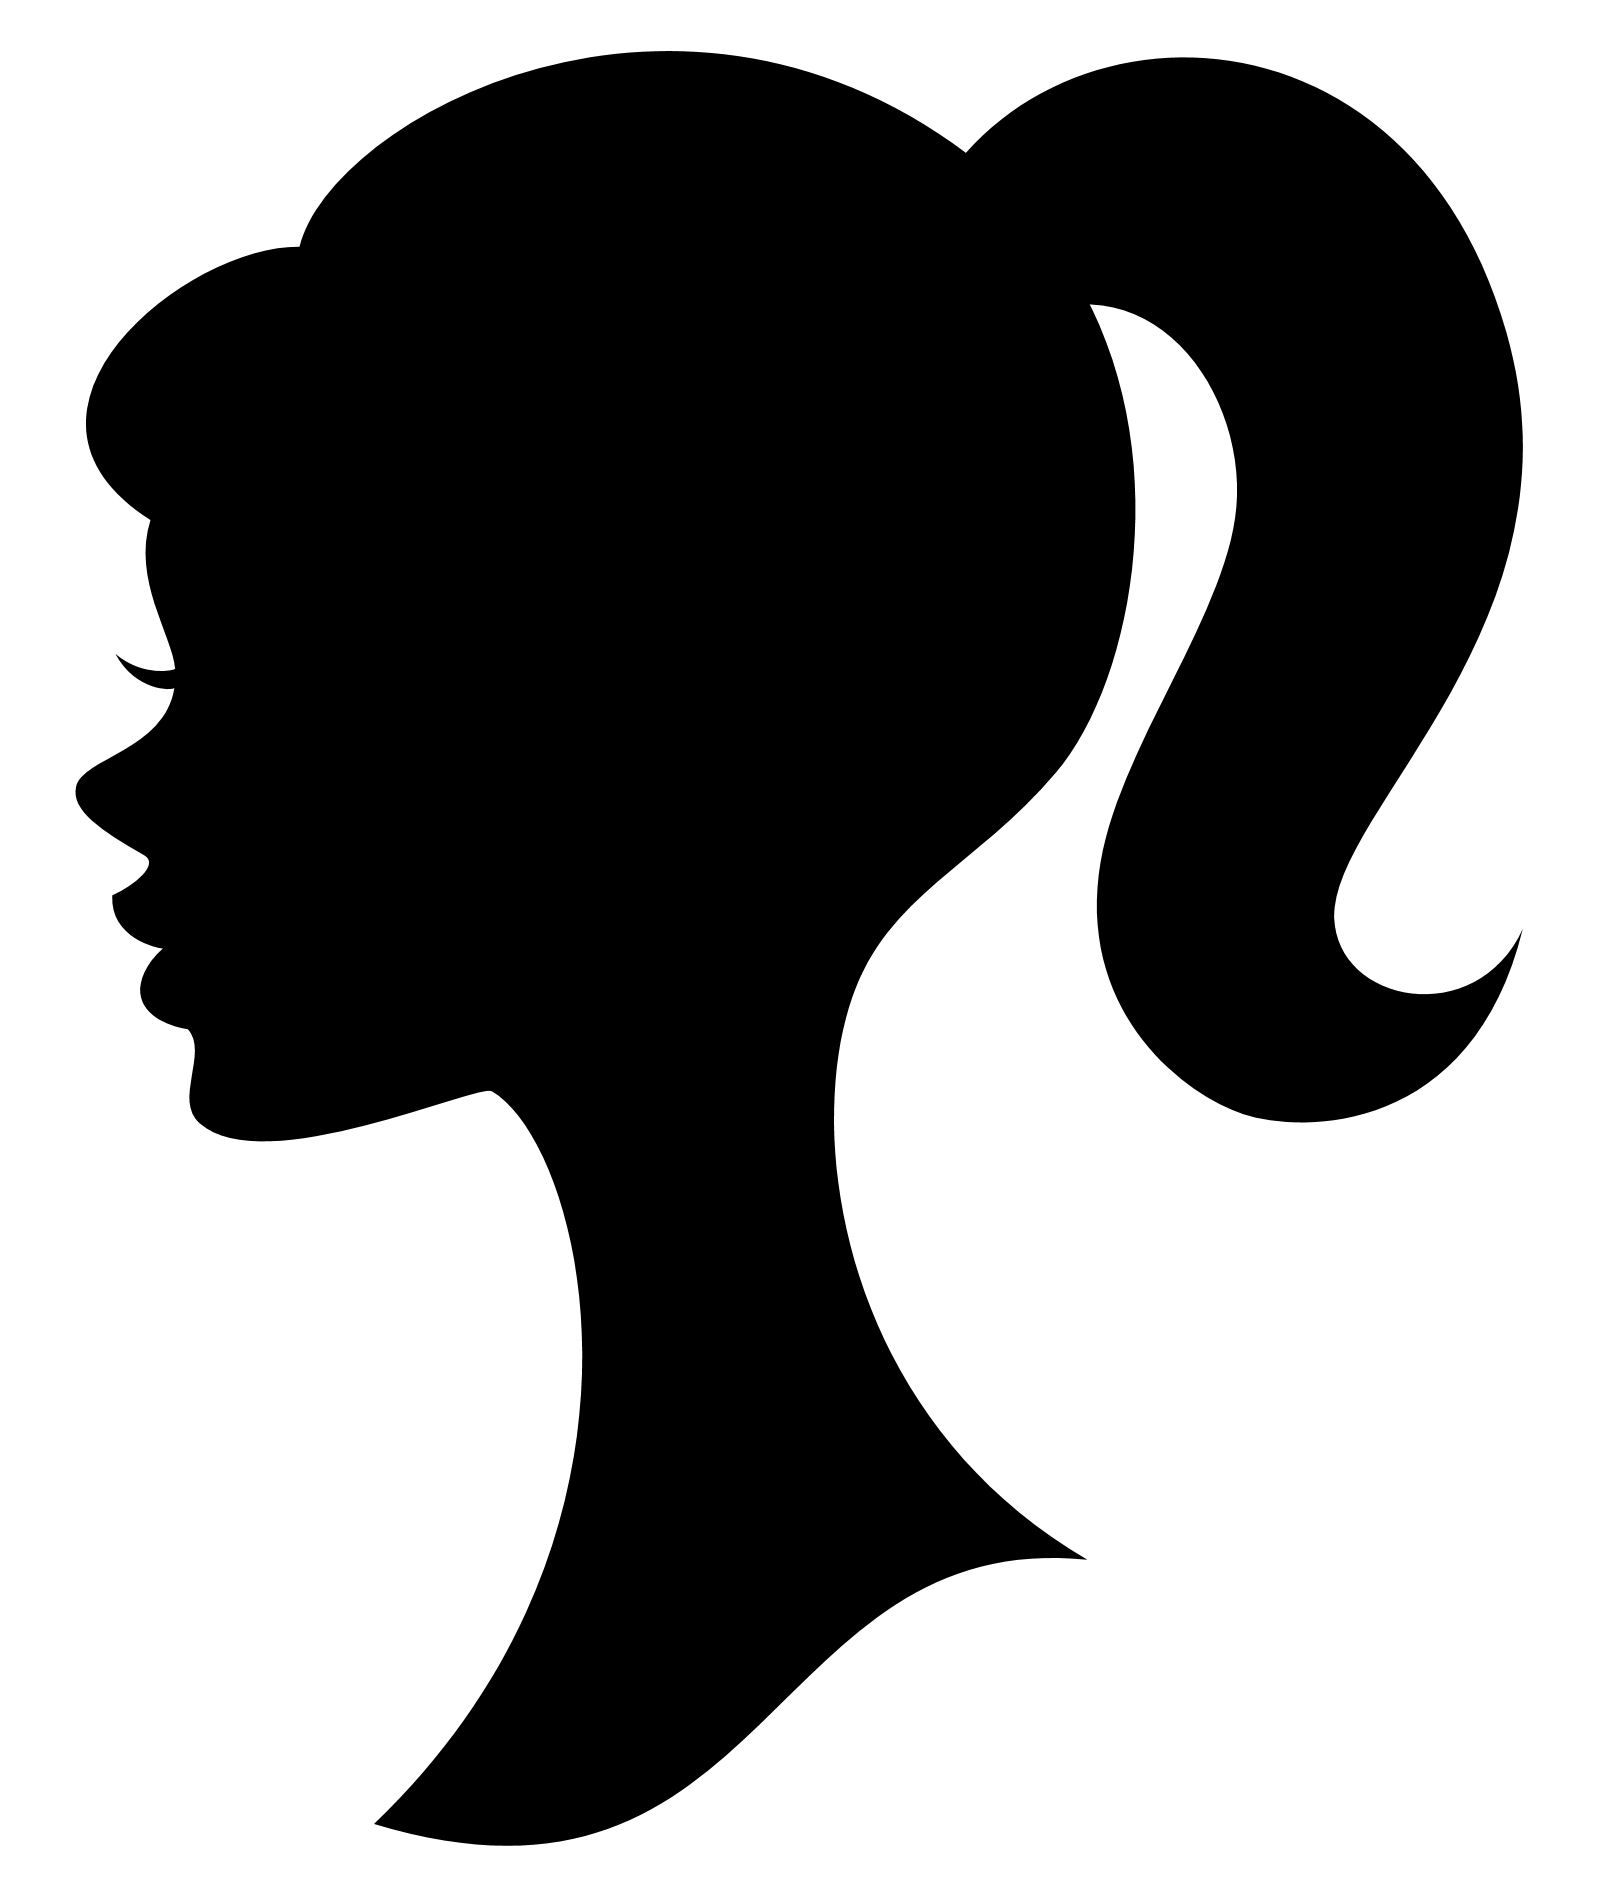 Cricut Barbie Head